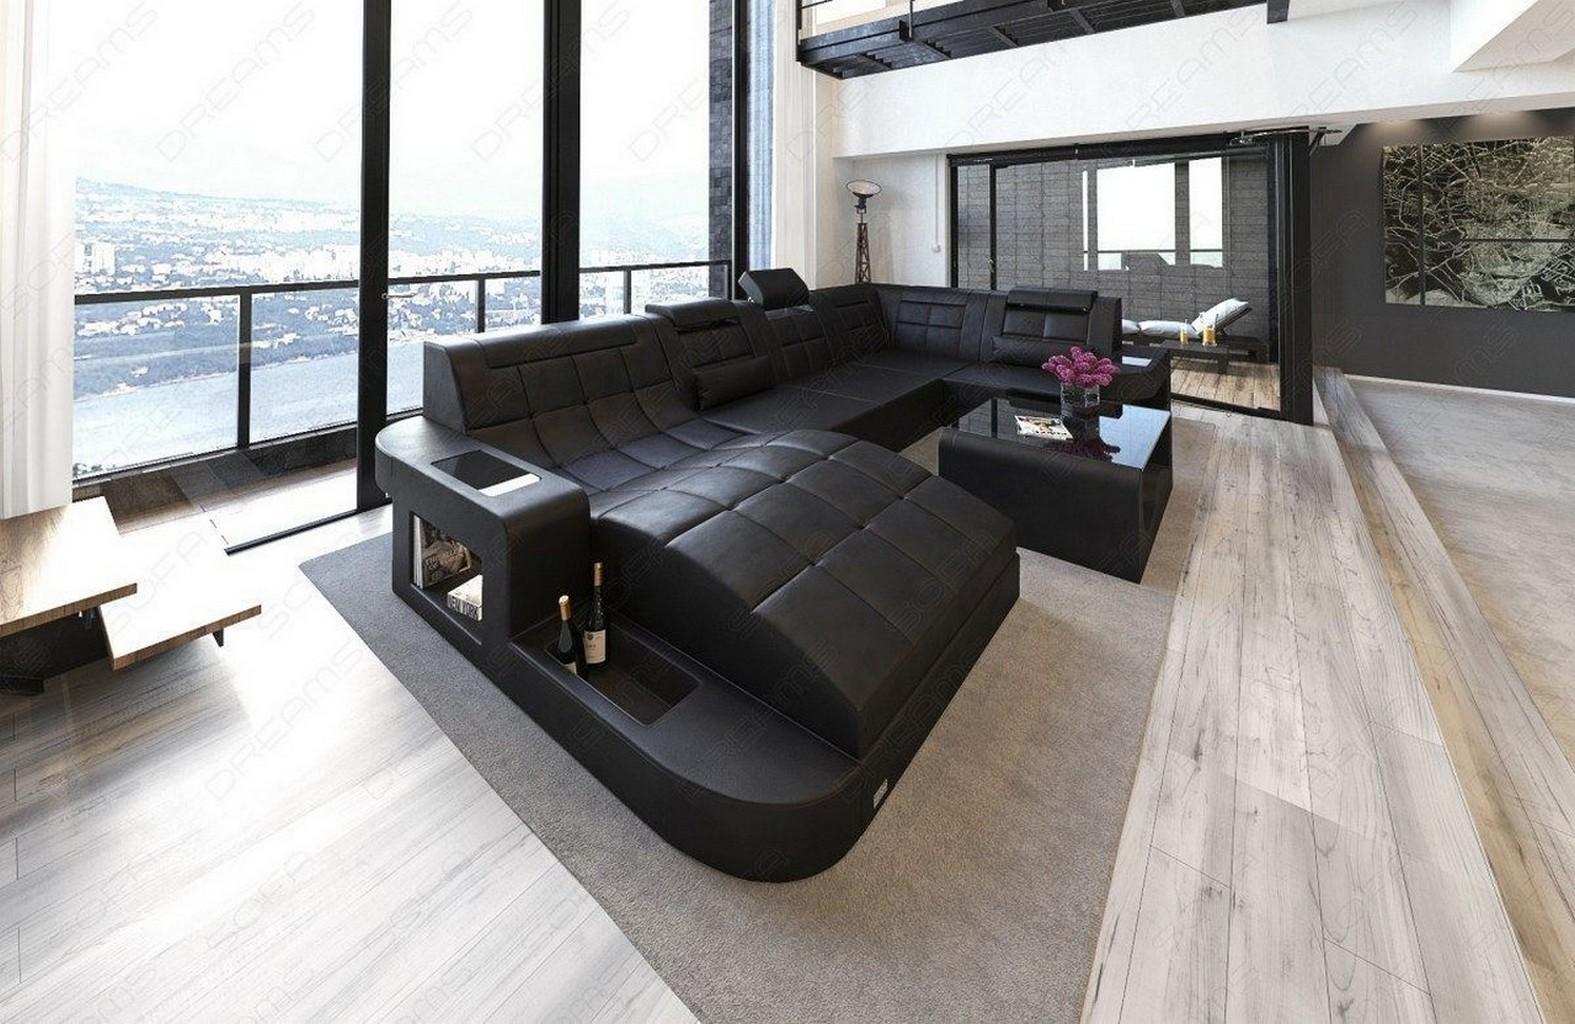 Wohnlandschaft geschwungen  Wohnlandschaft WAVE U-Form Luxus Couch Garnitur mit LED RGB ...